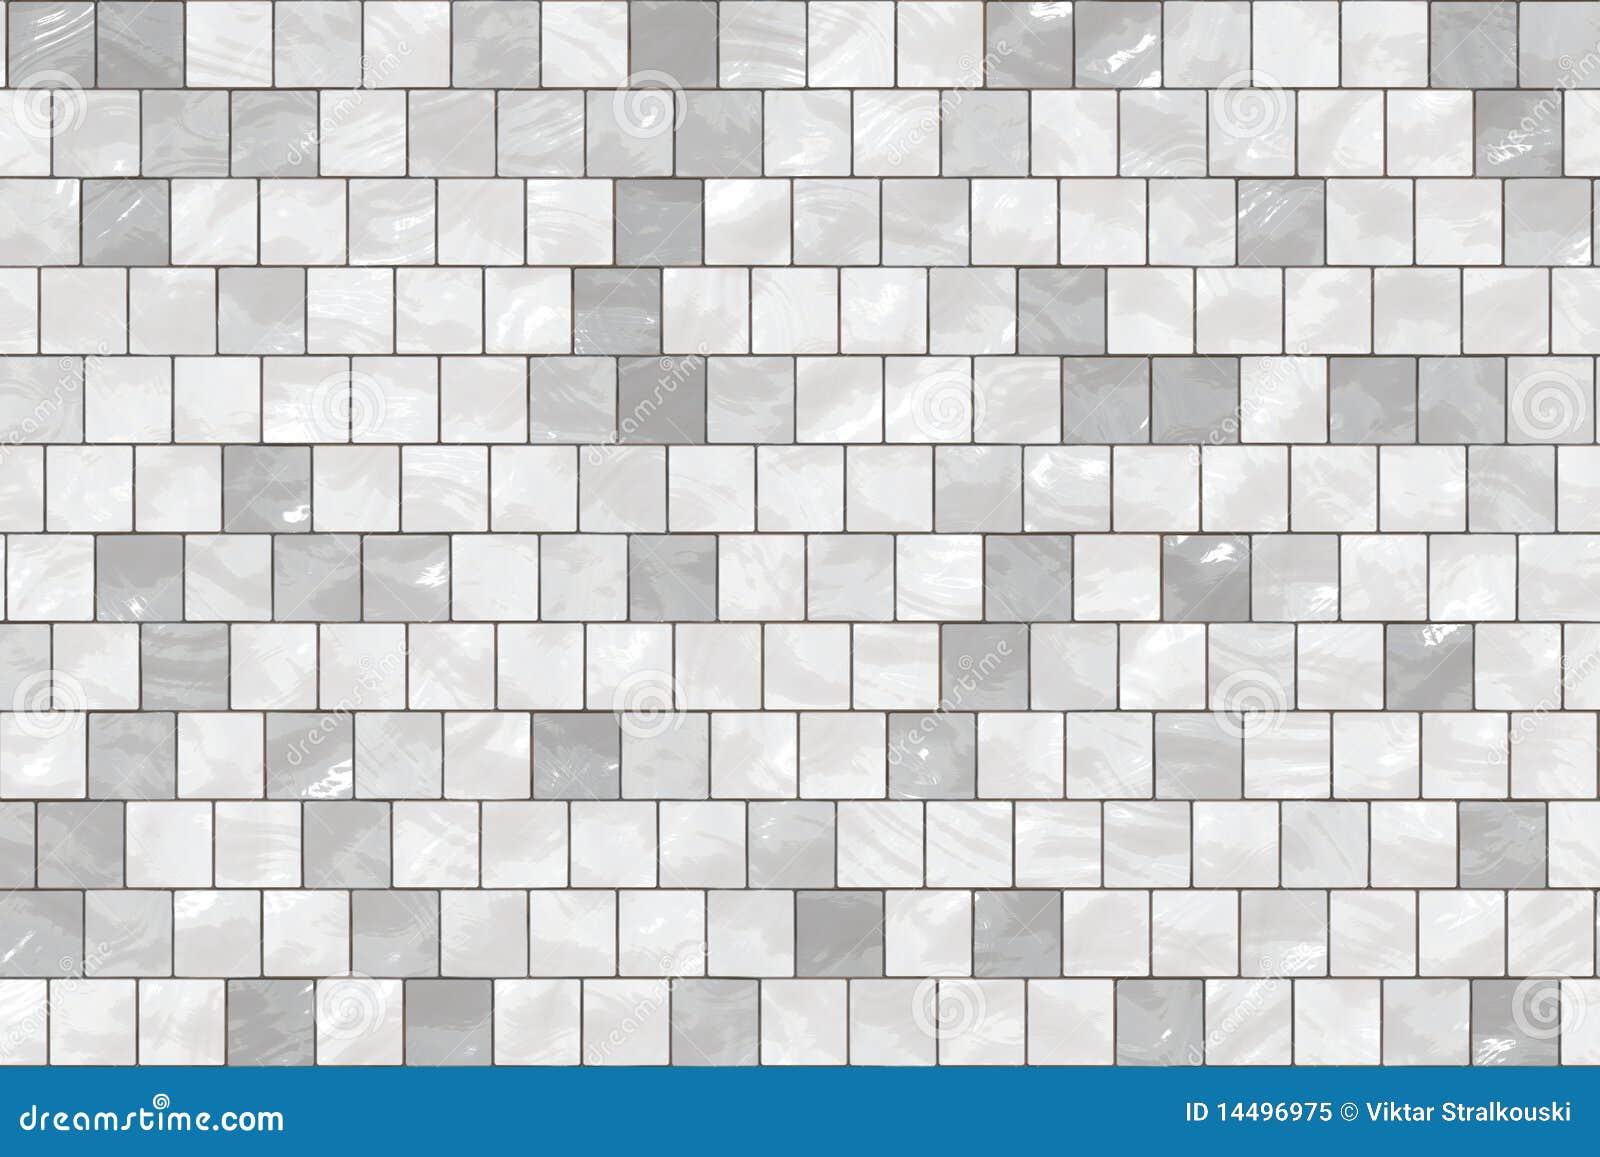 Seamless White Tiles Royalty Free Stock Photo - Image ...